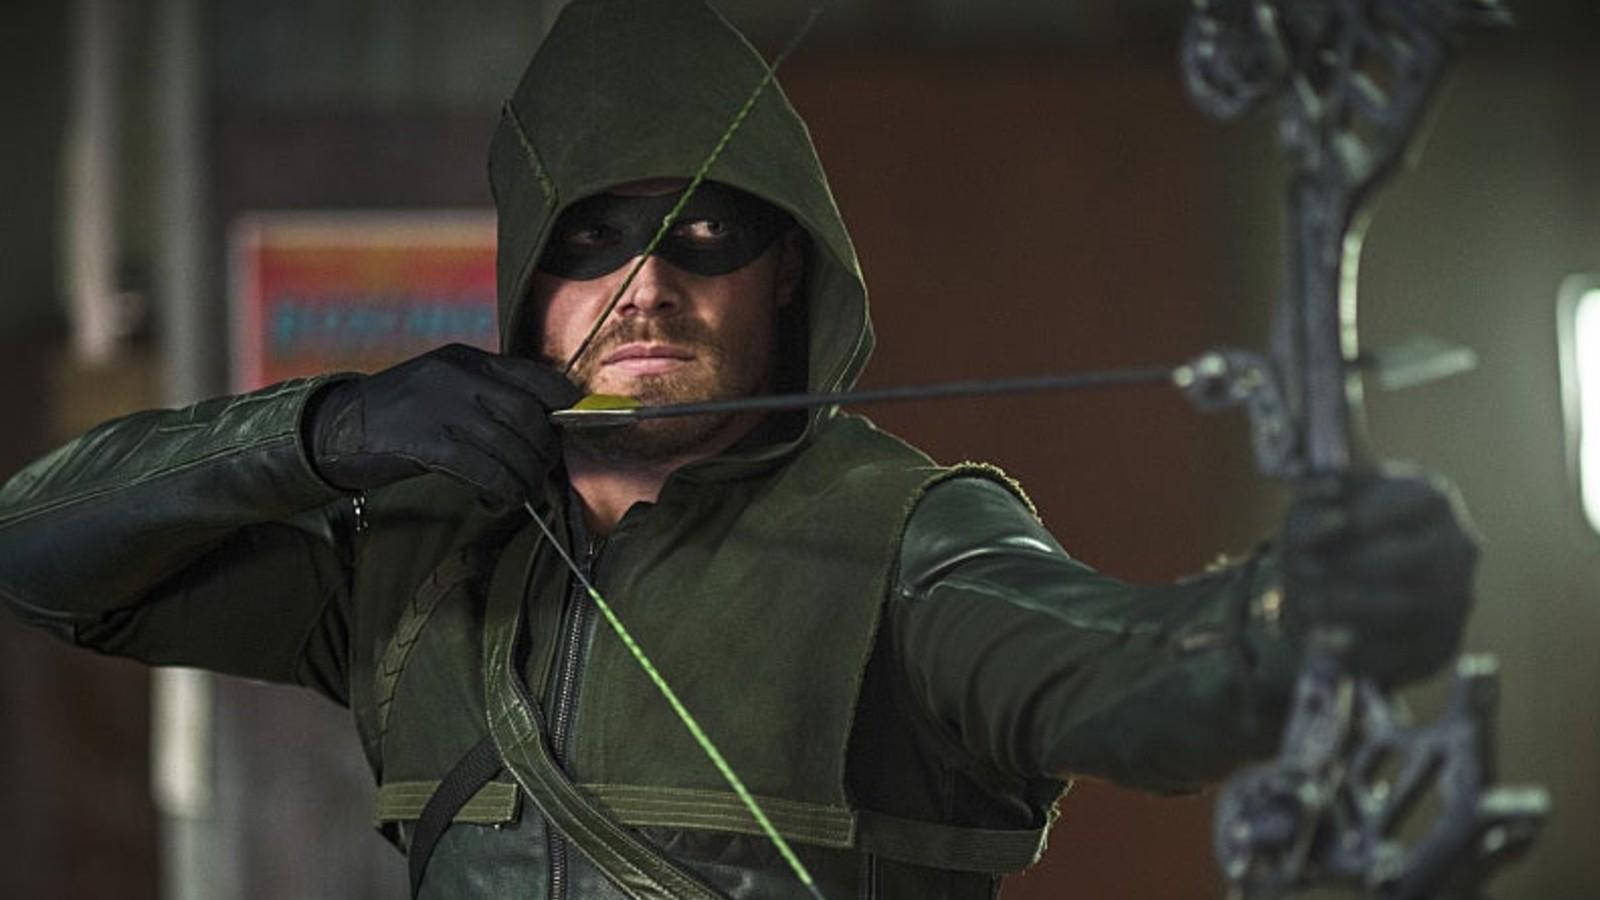 Stephen Amell in season 1 of Arrow